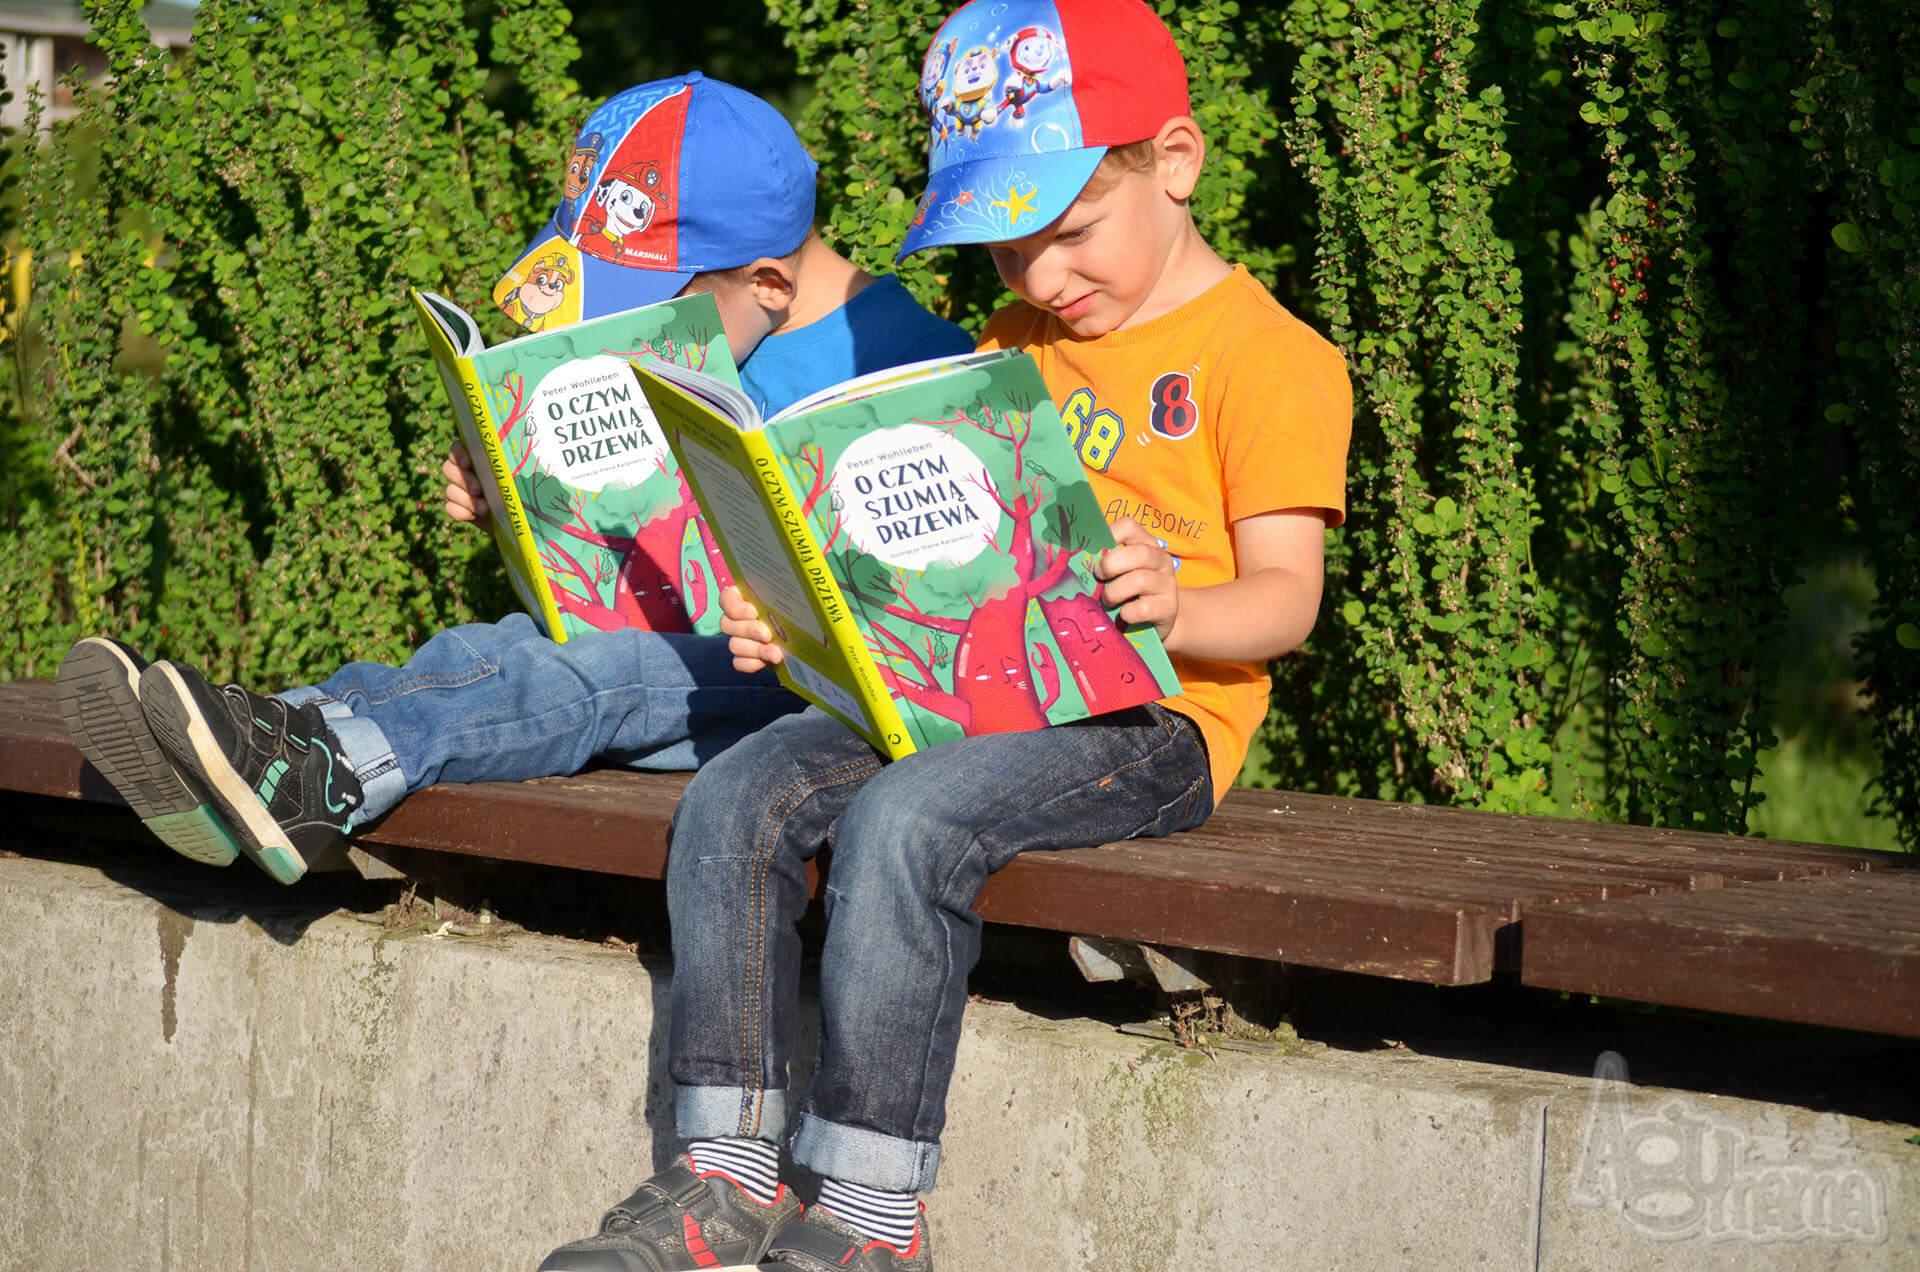 o czym szumią drzewa bliźniaki czytają swoje książki